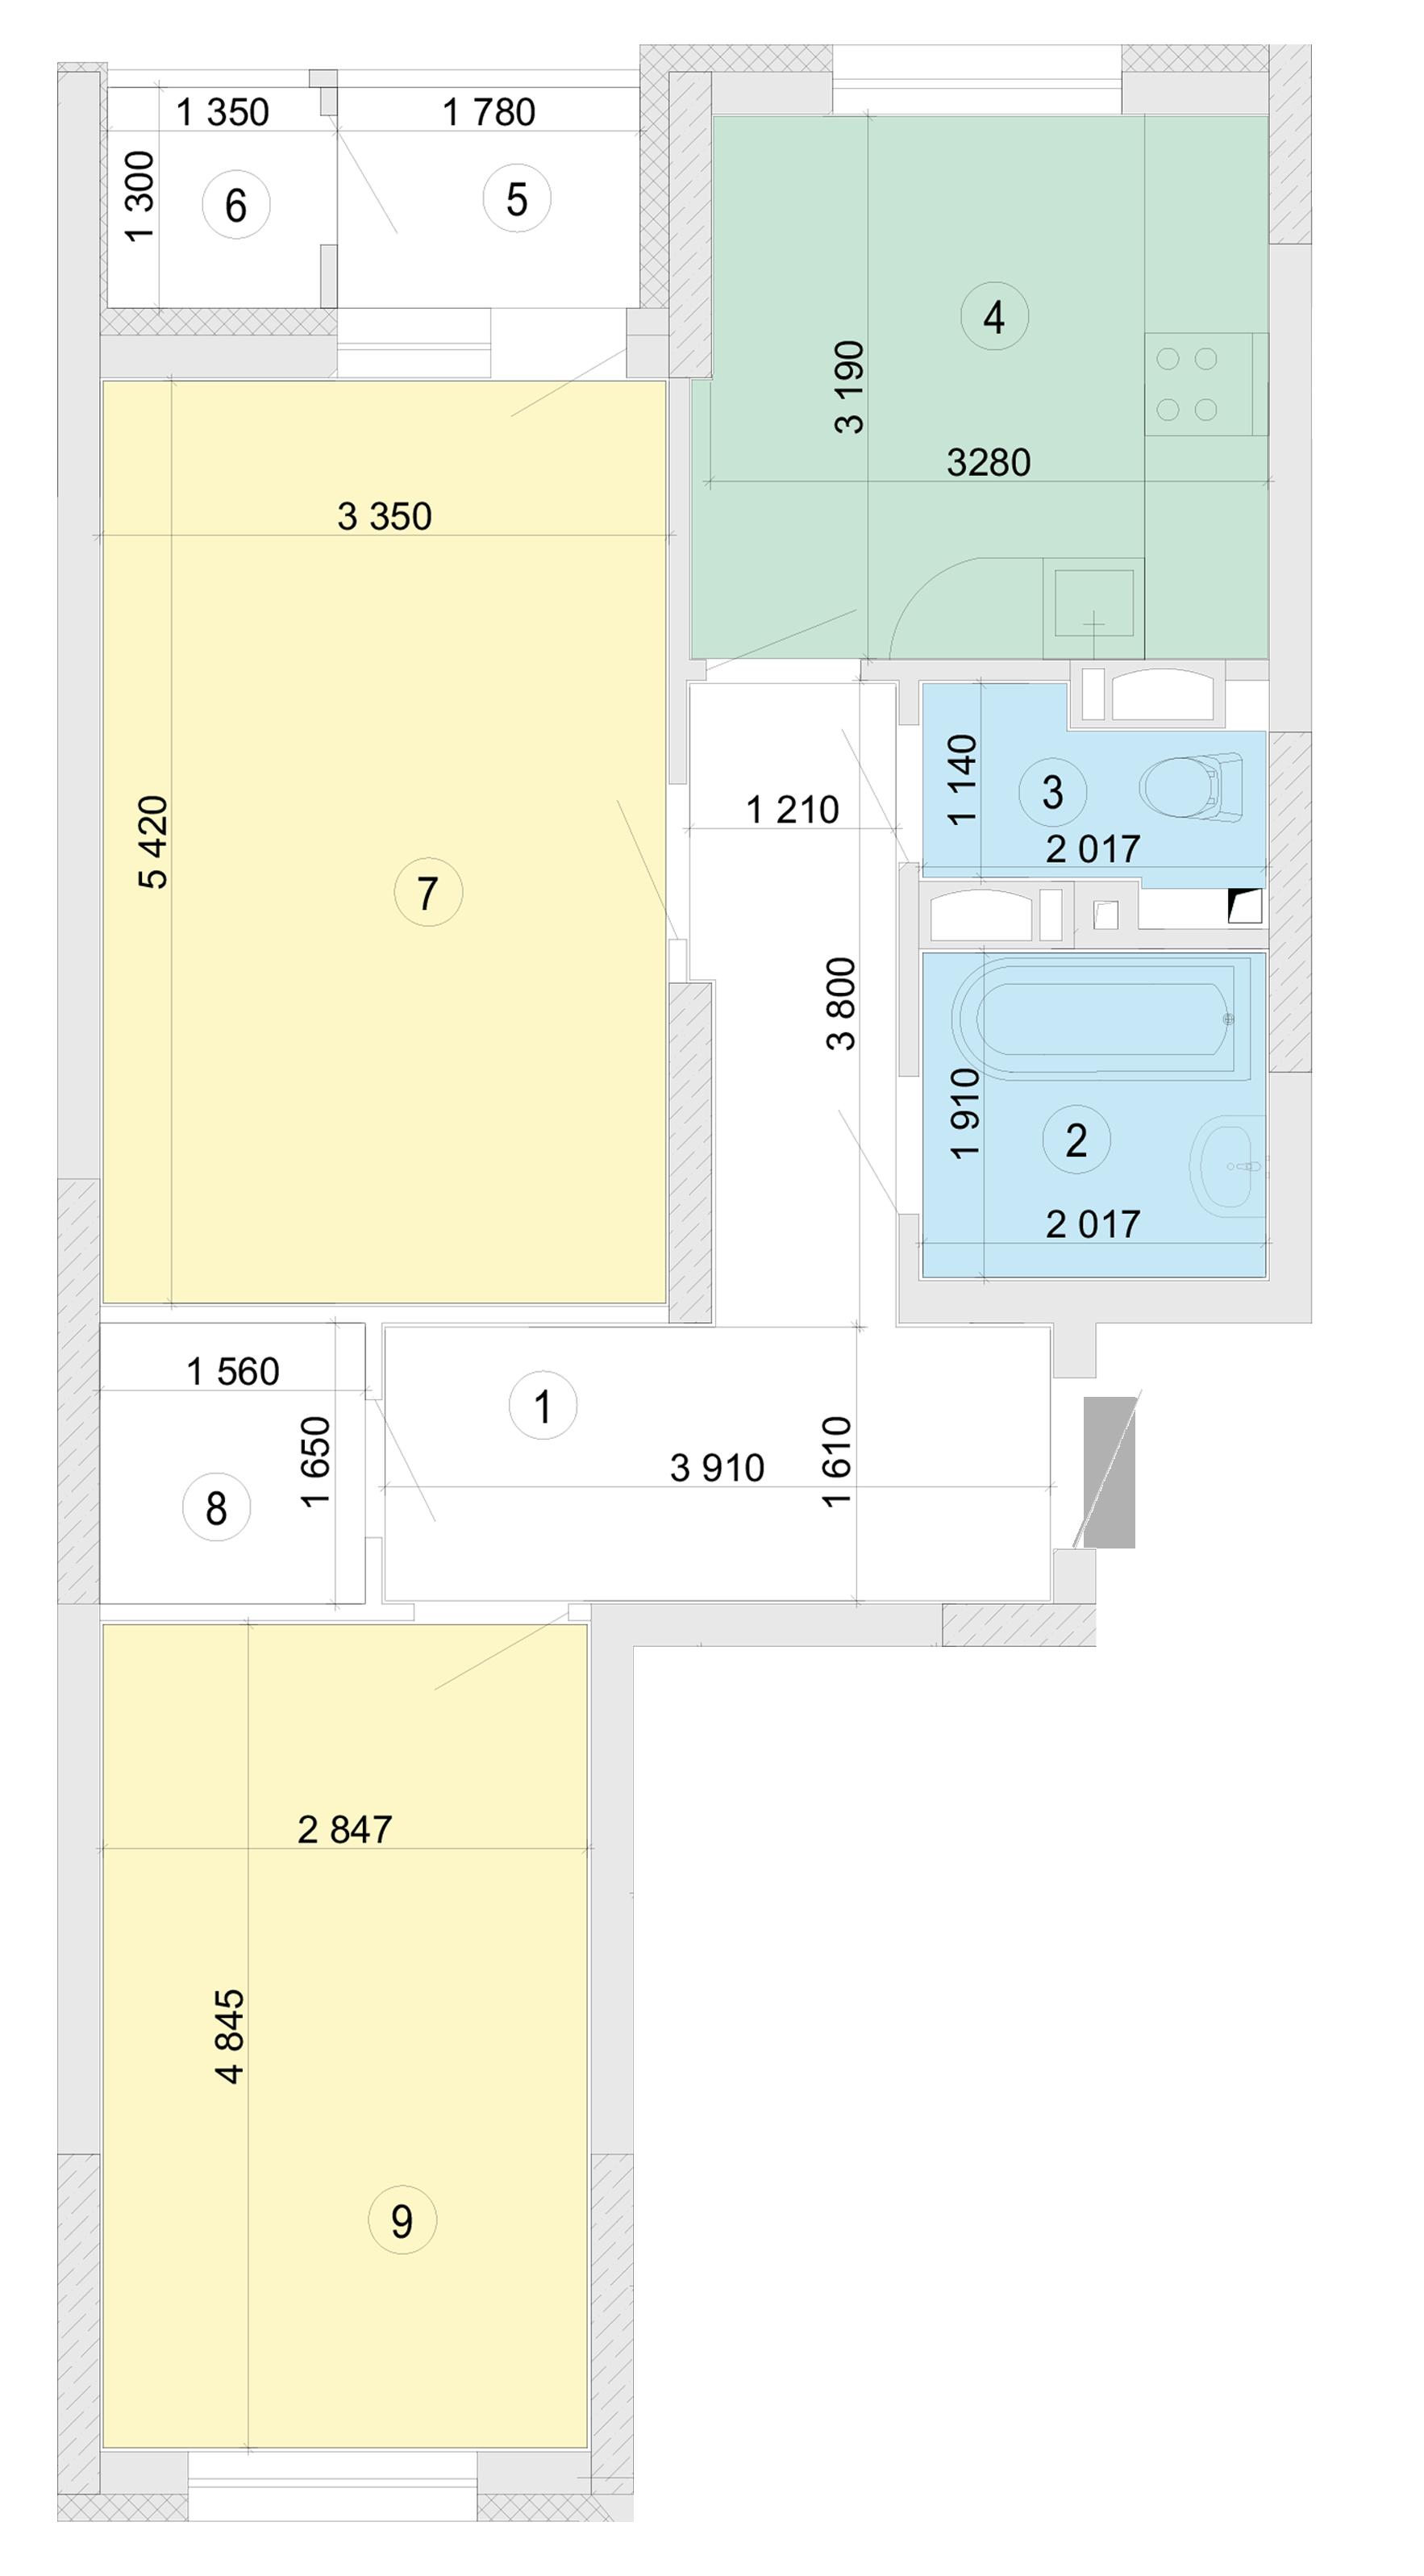 Купити Двокімнатна квартира 65,35 кв.м., тип 2.2, будинок 2, секція 5 в Києві Голосіївський район